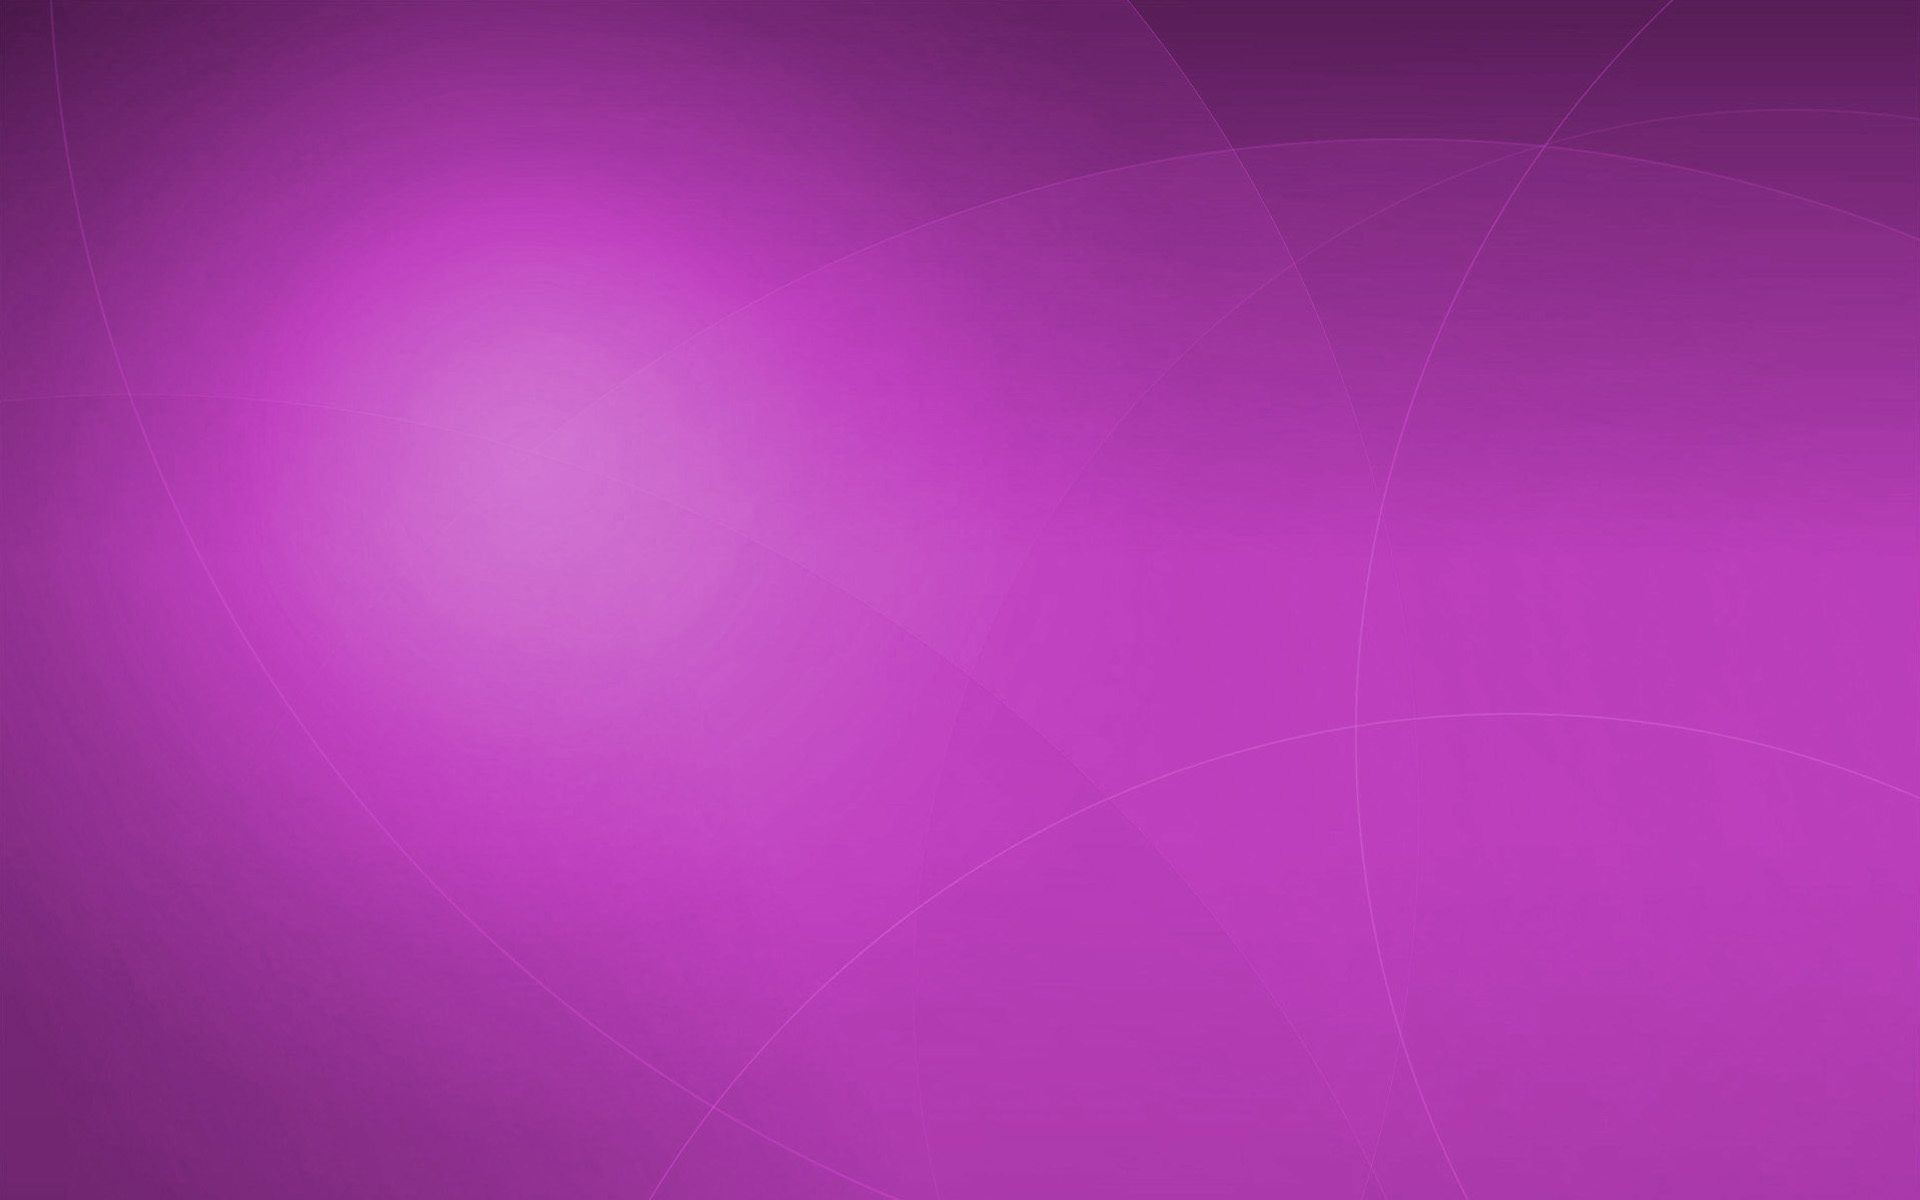 Linux purple b.